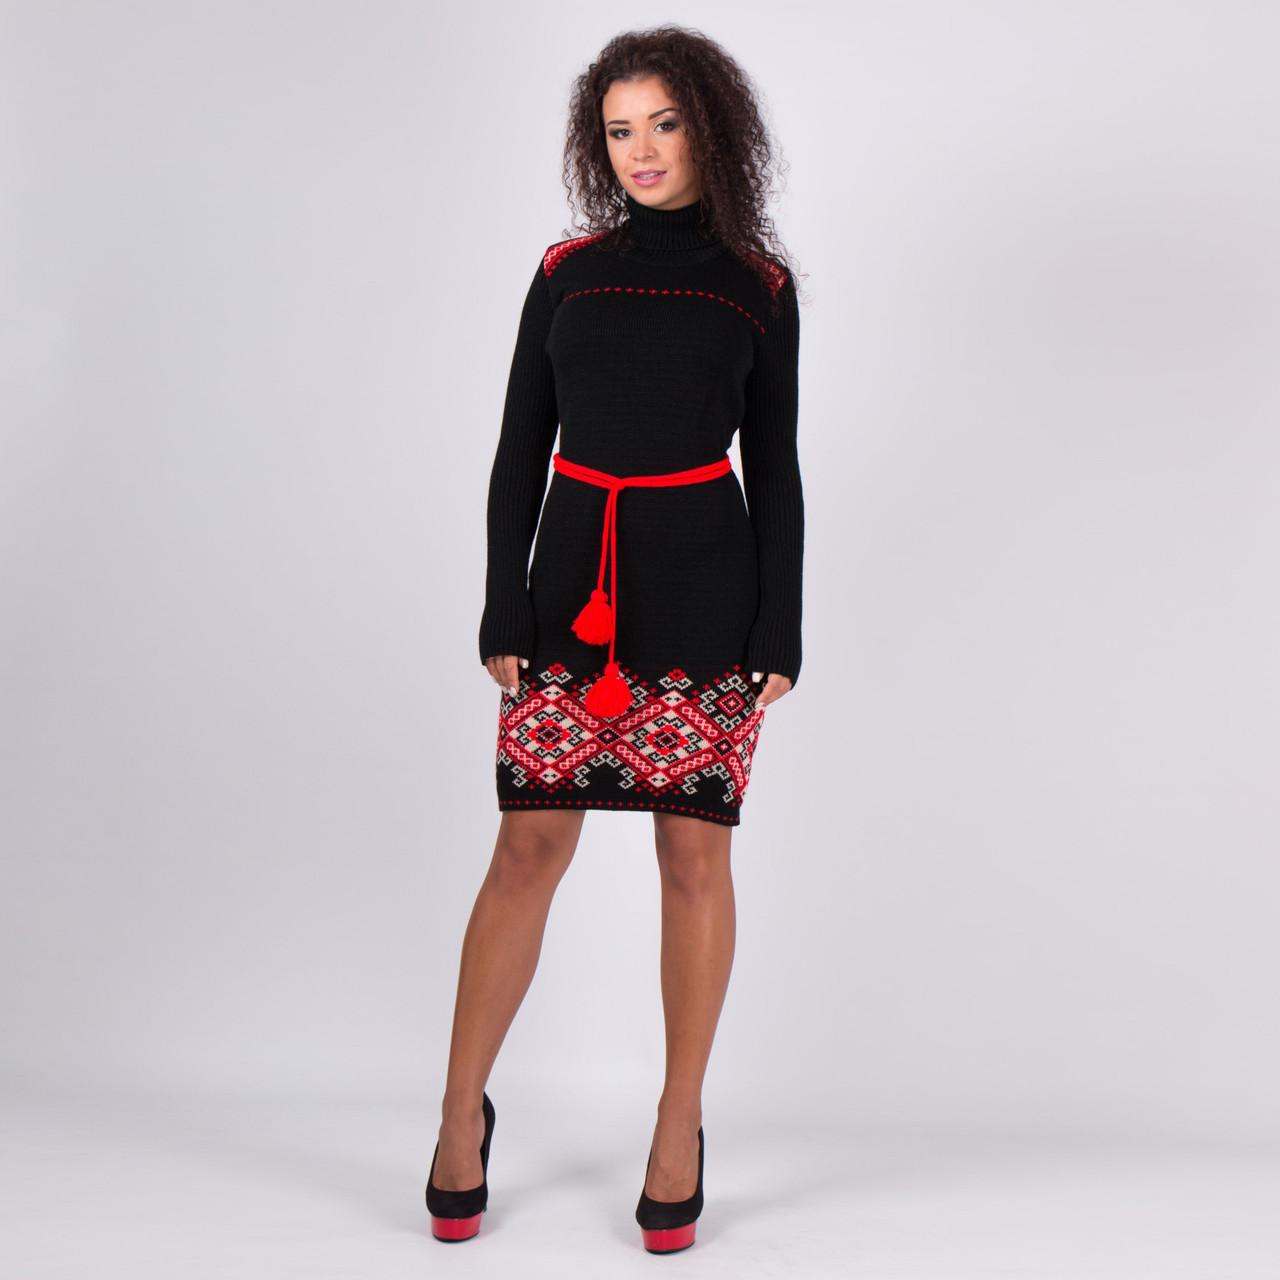 Вязаное платье вышиванка Иванка с алым орнаментом